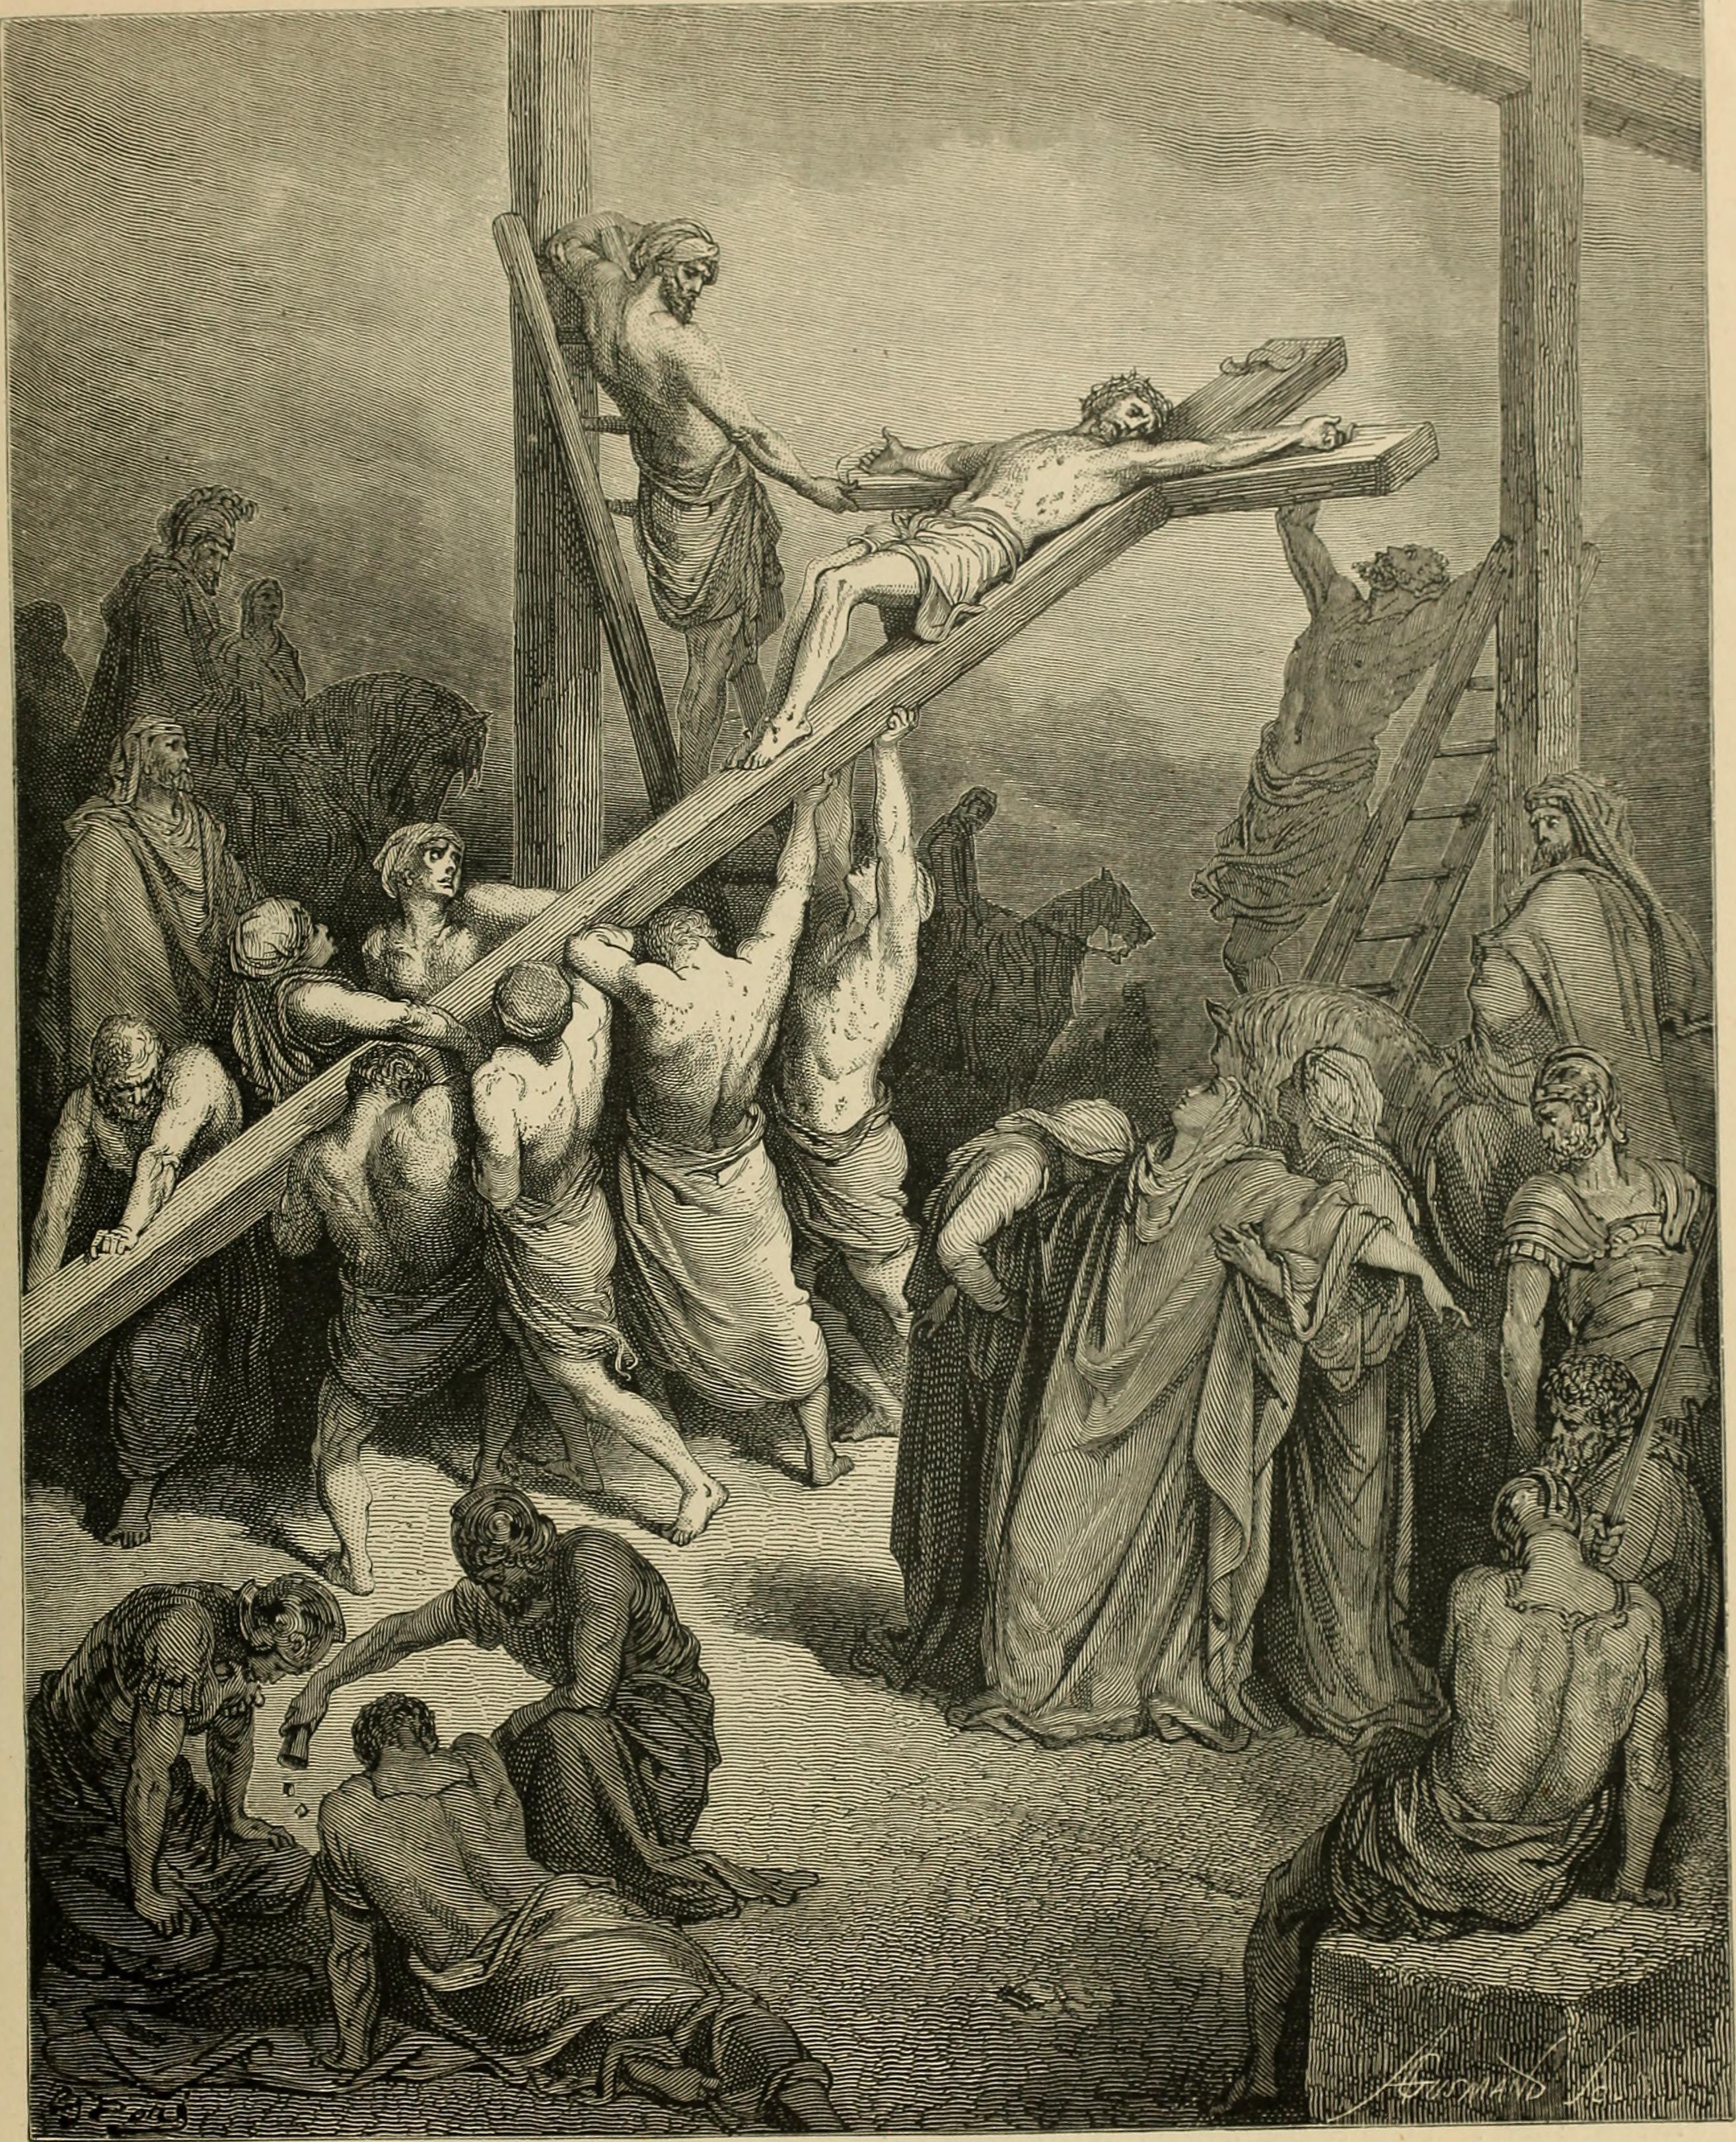 하나님의 비밀 그리스도를 십자가에 못 박는 유대인들